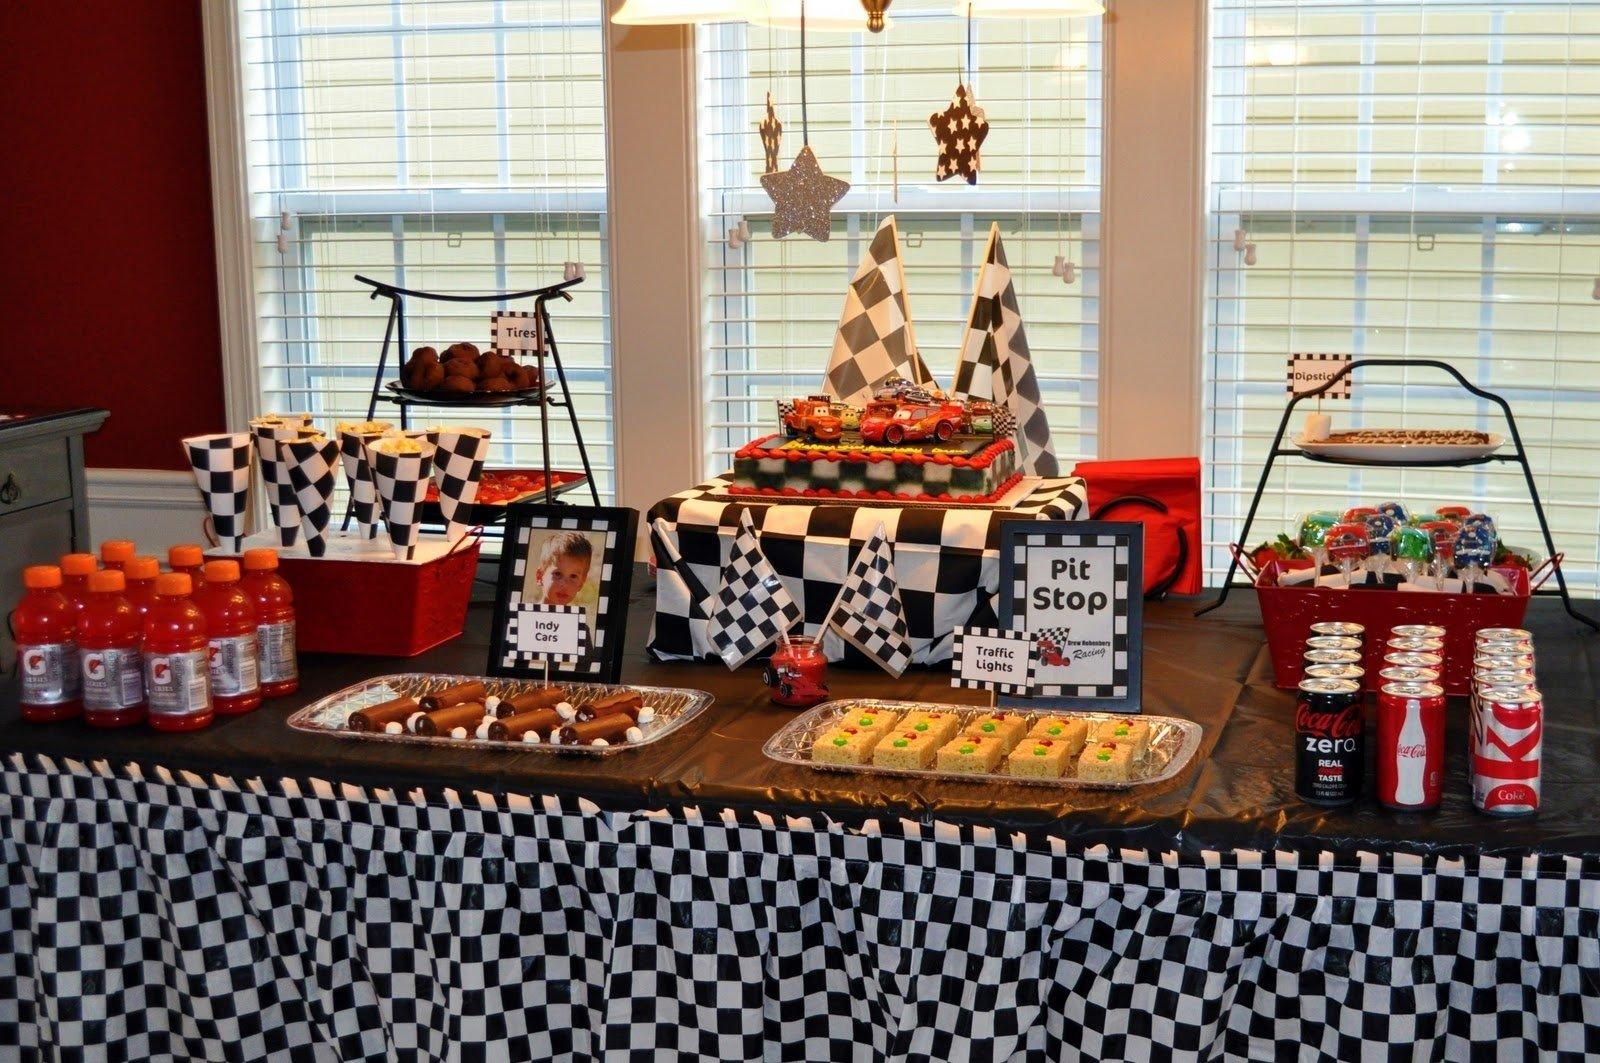 10 Stunning Race Car Birthday Party Ideas race car birthday party 2020